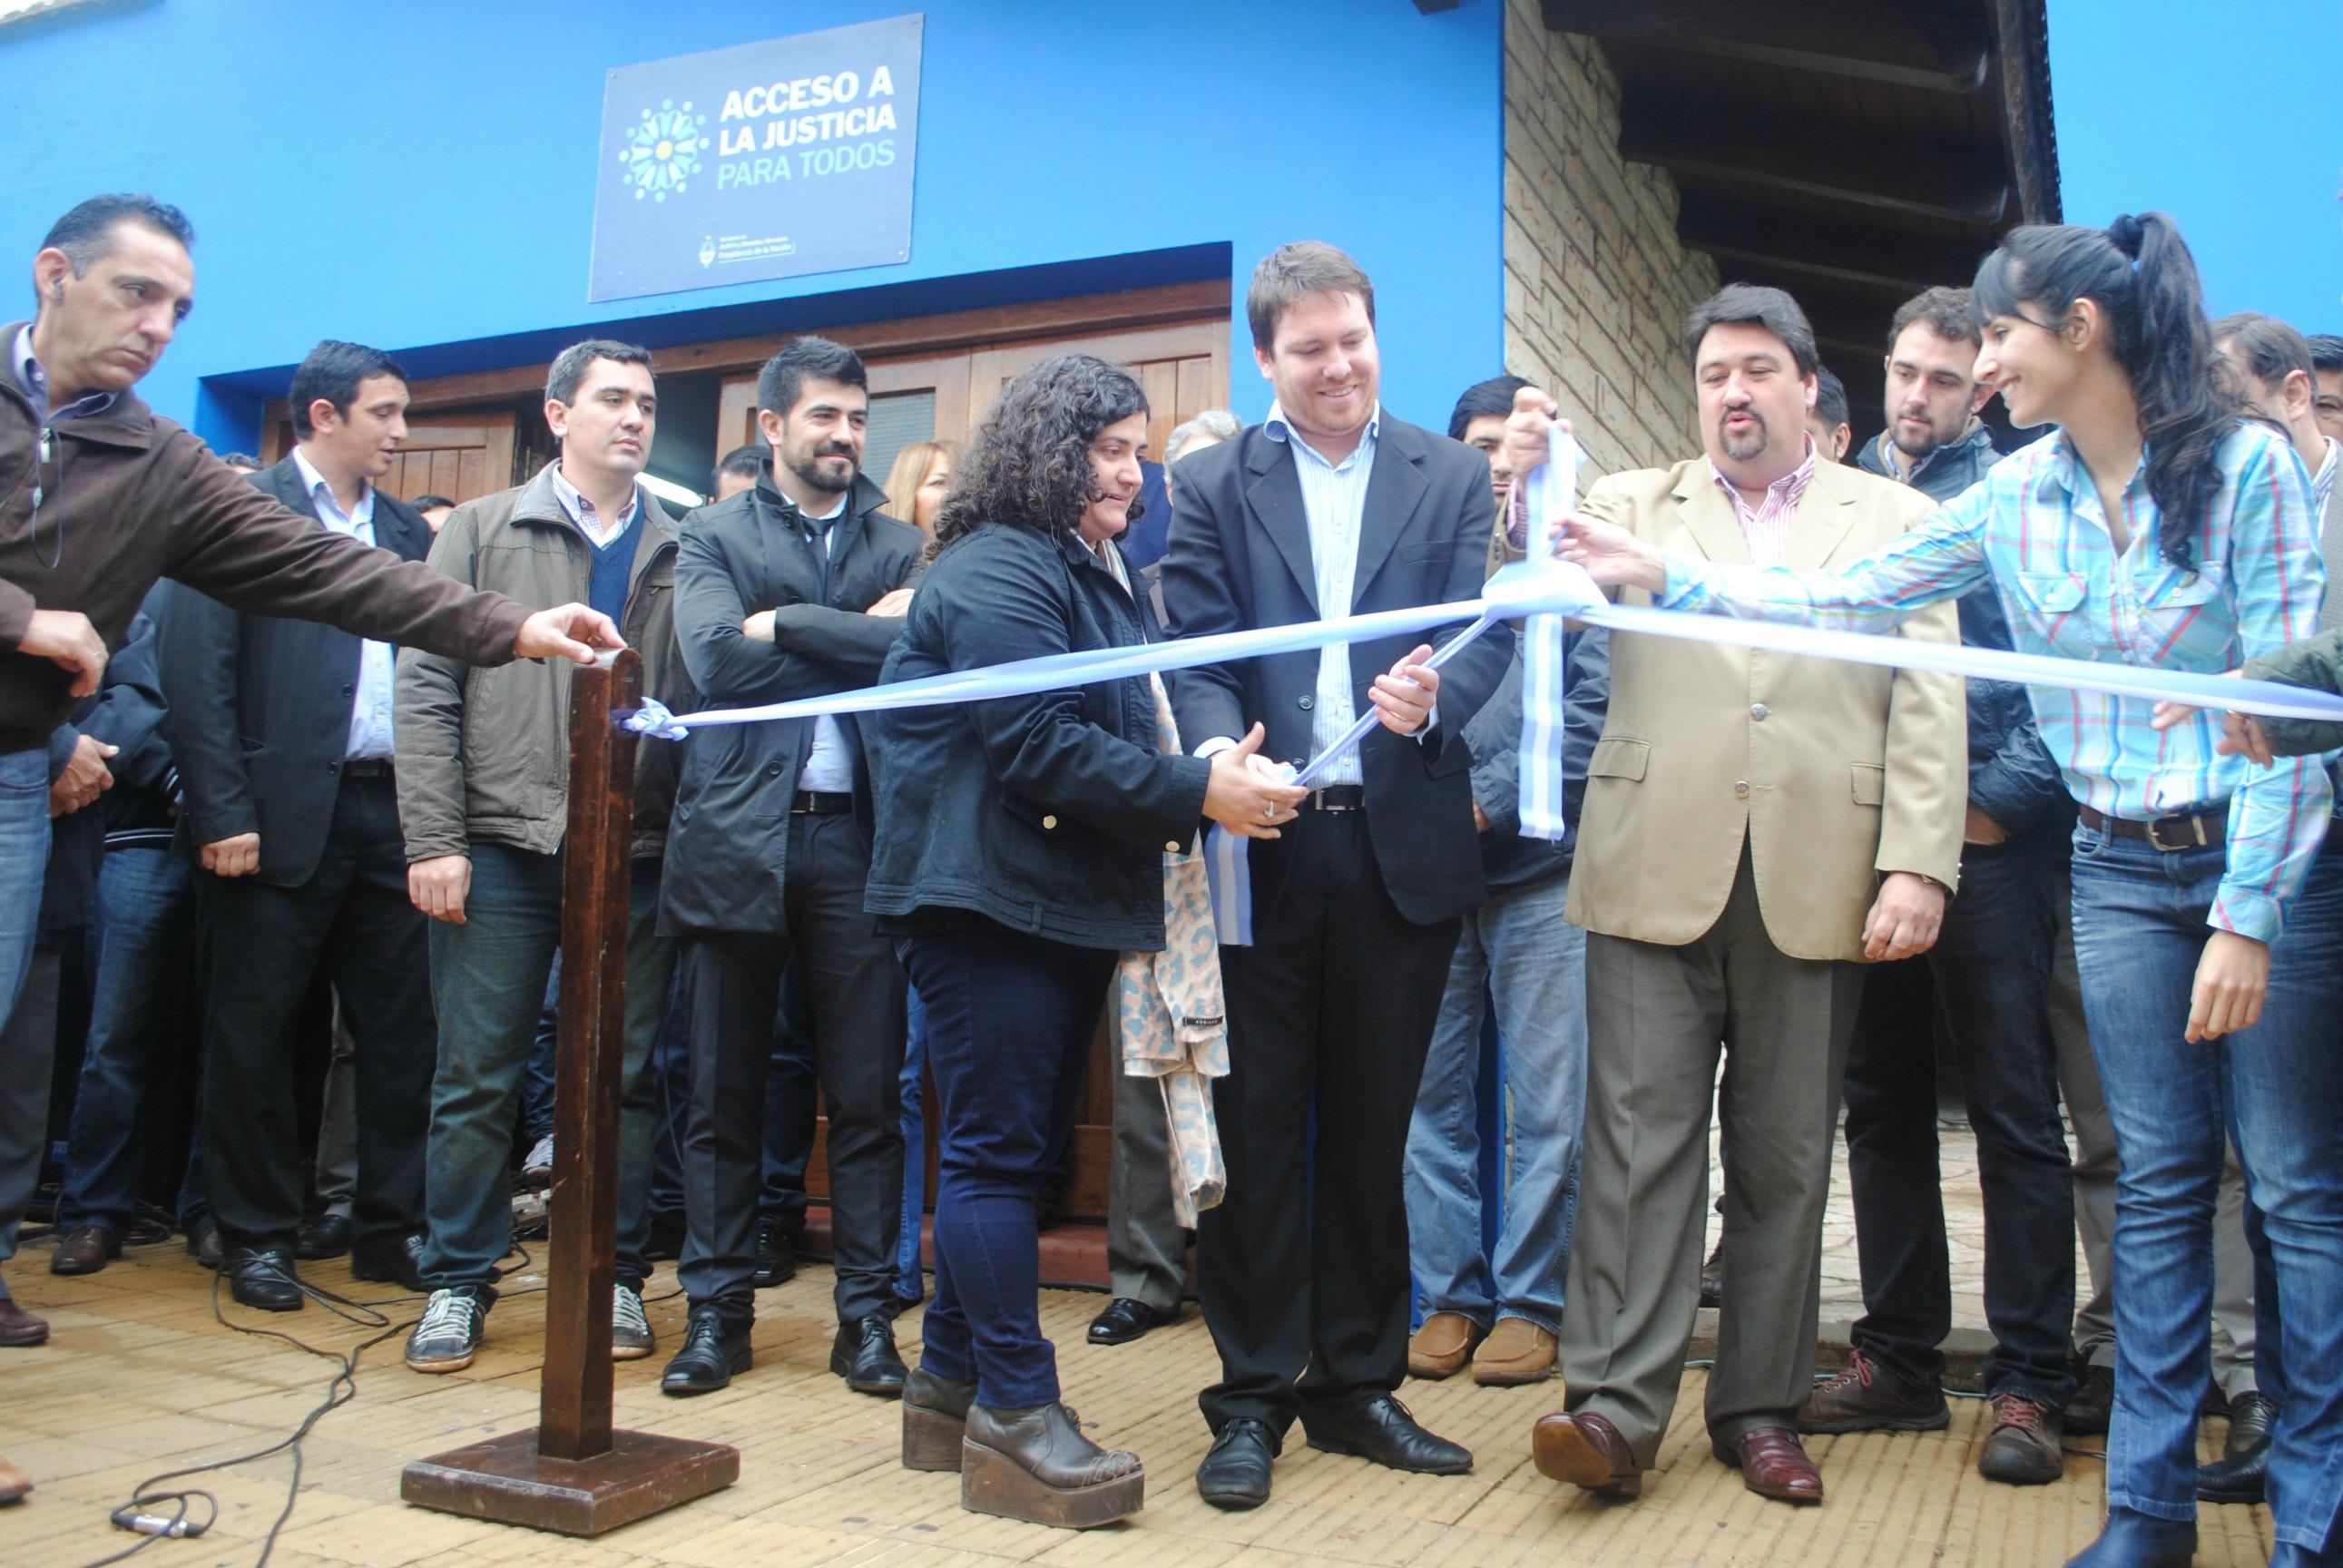 Se inauguró un nuevo Centro de Acceso a la Justicia en Misiones